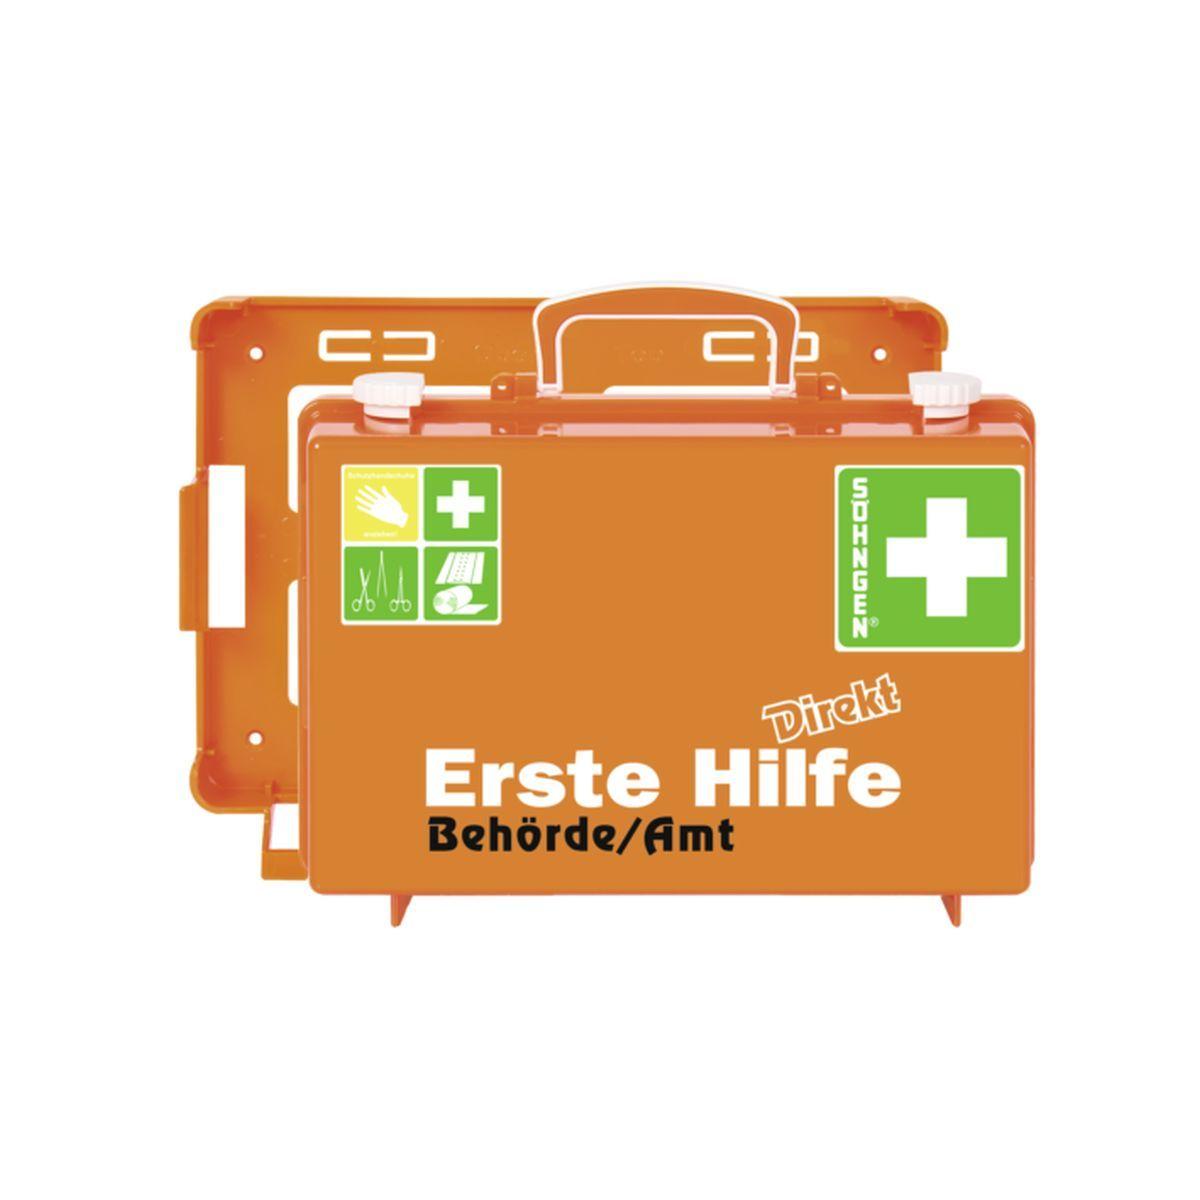 Erste Hilfe Koffer DIN 13157 DIREKT, Behörde-Amt